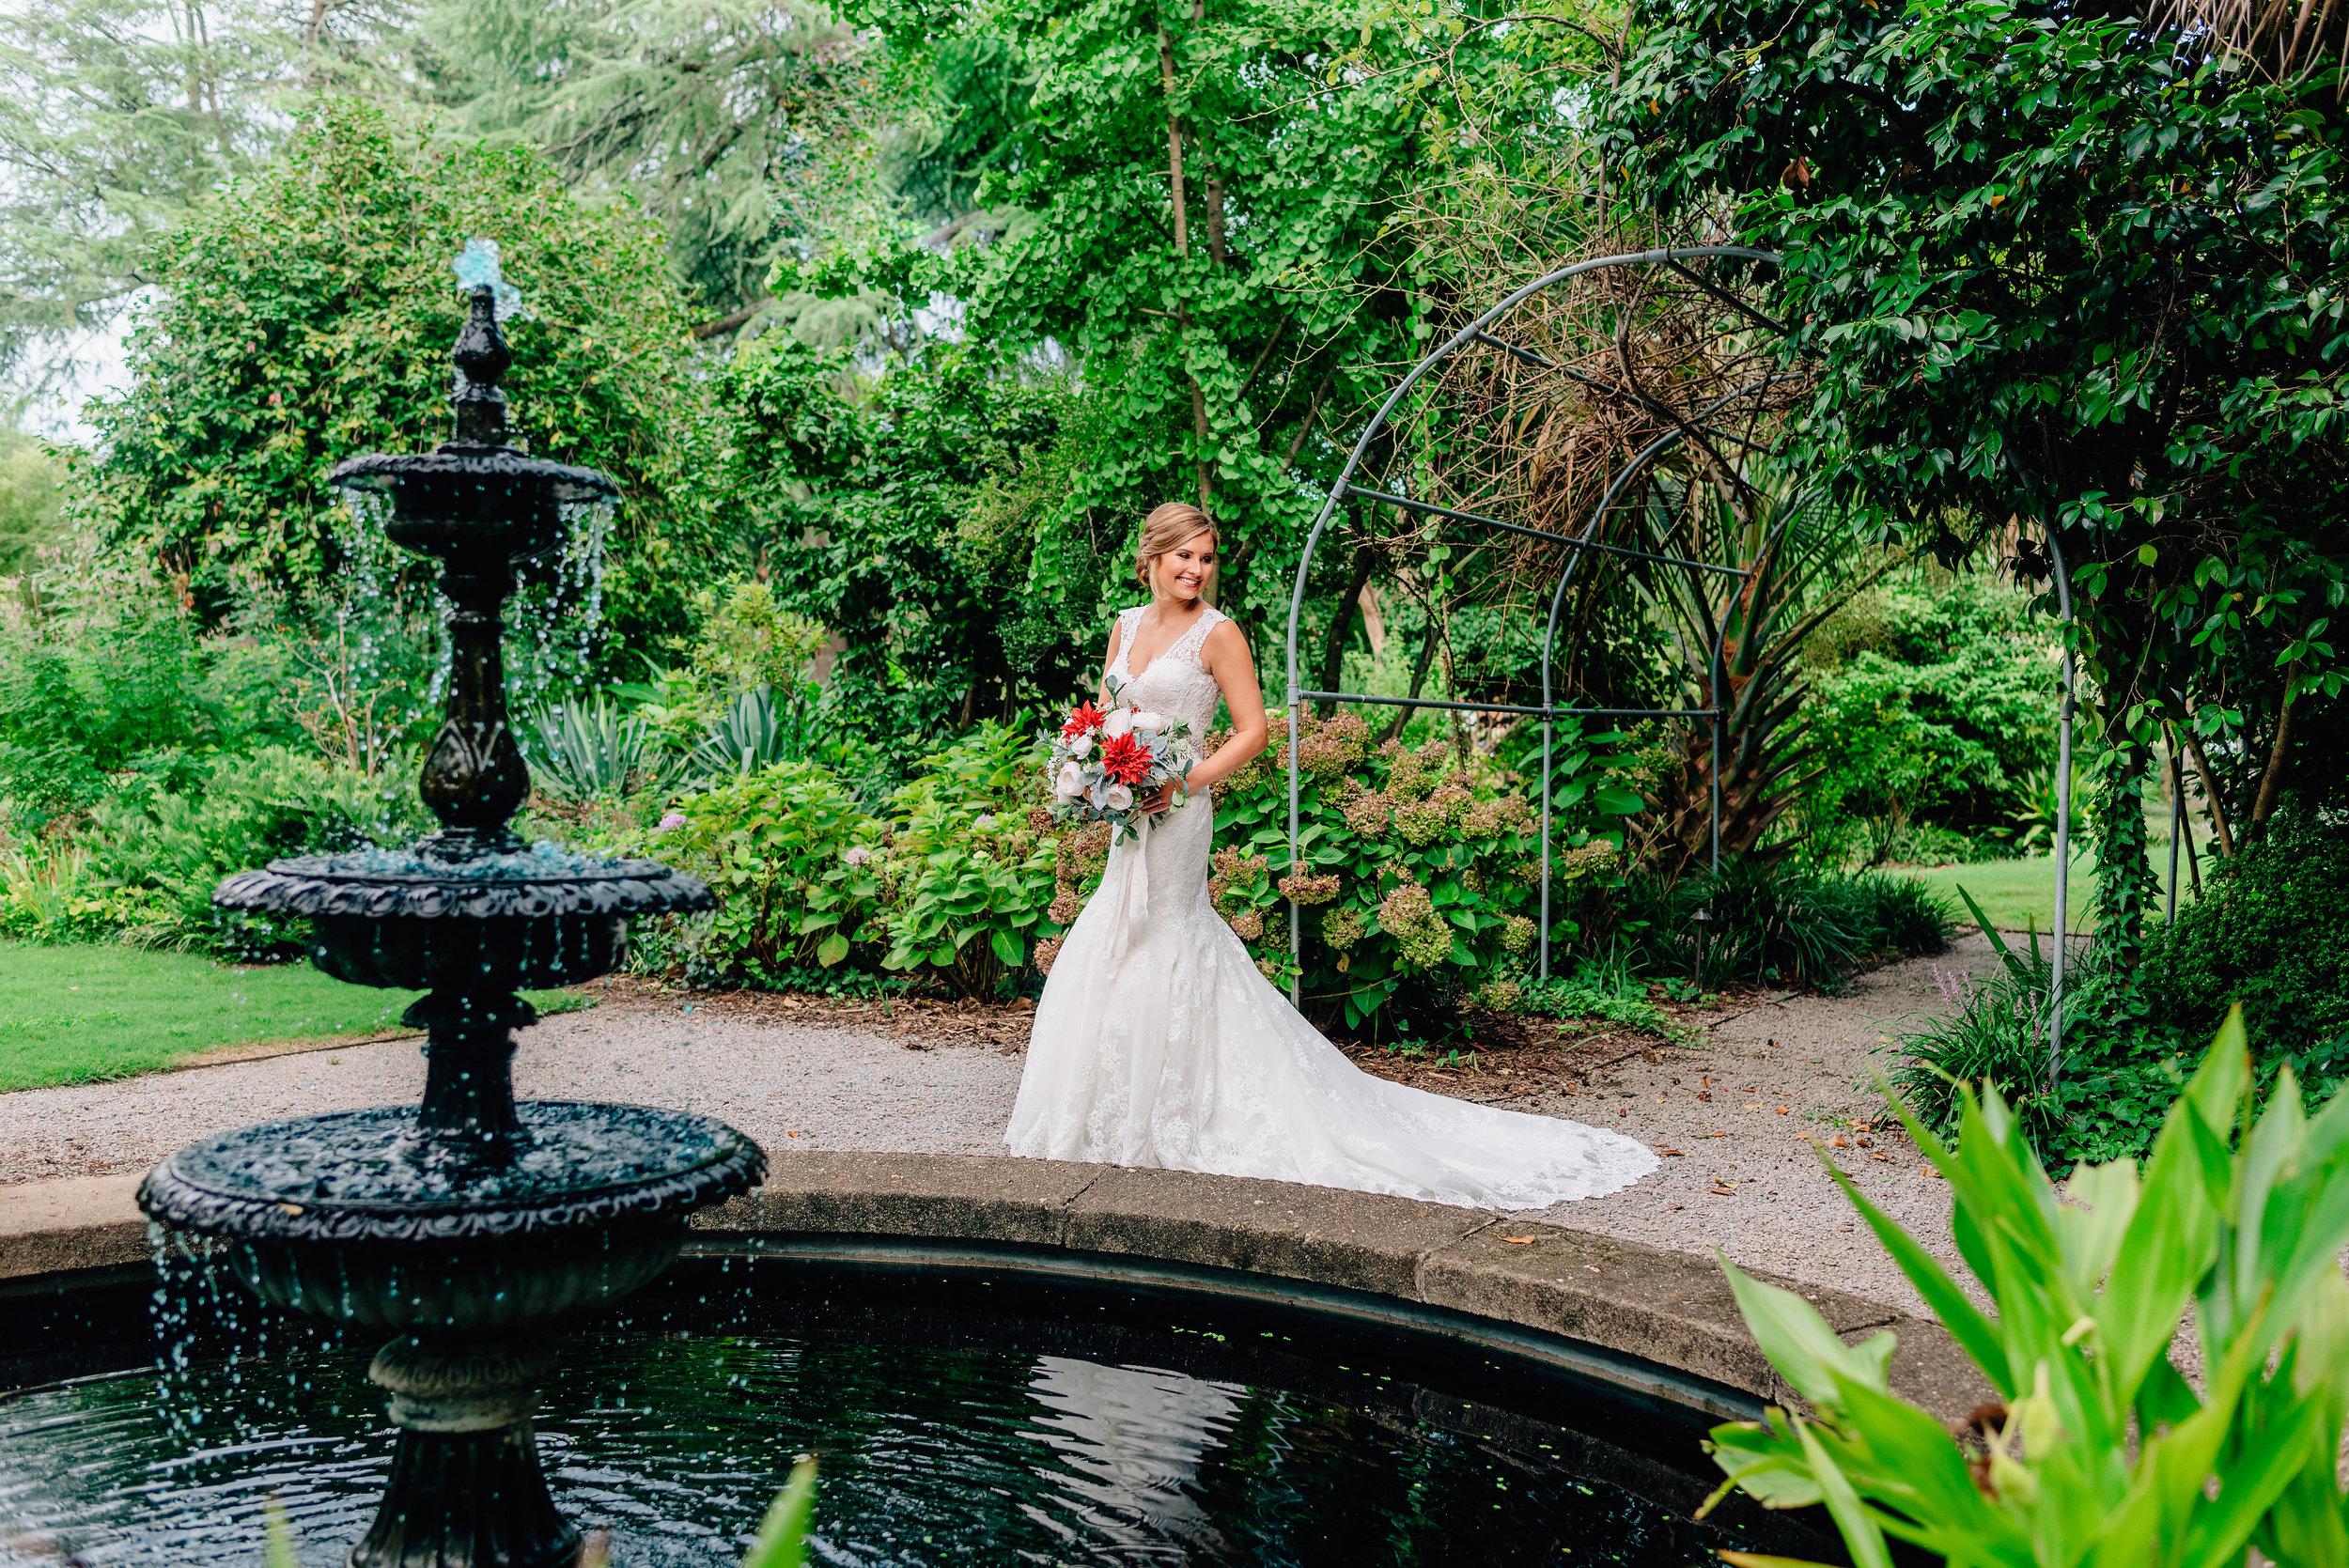 Kelsey_bridals-46.jpg